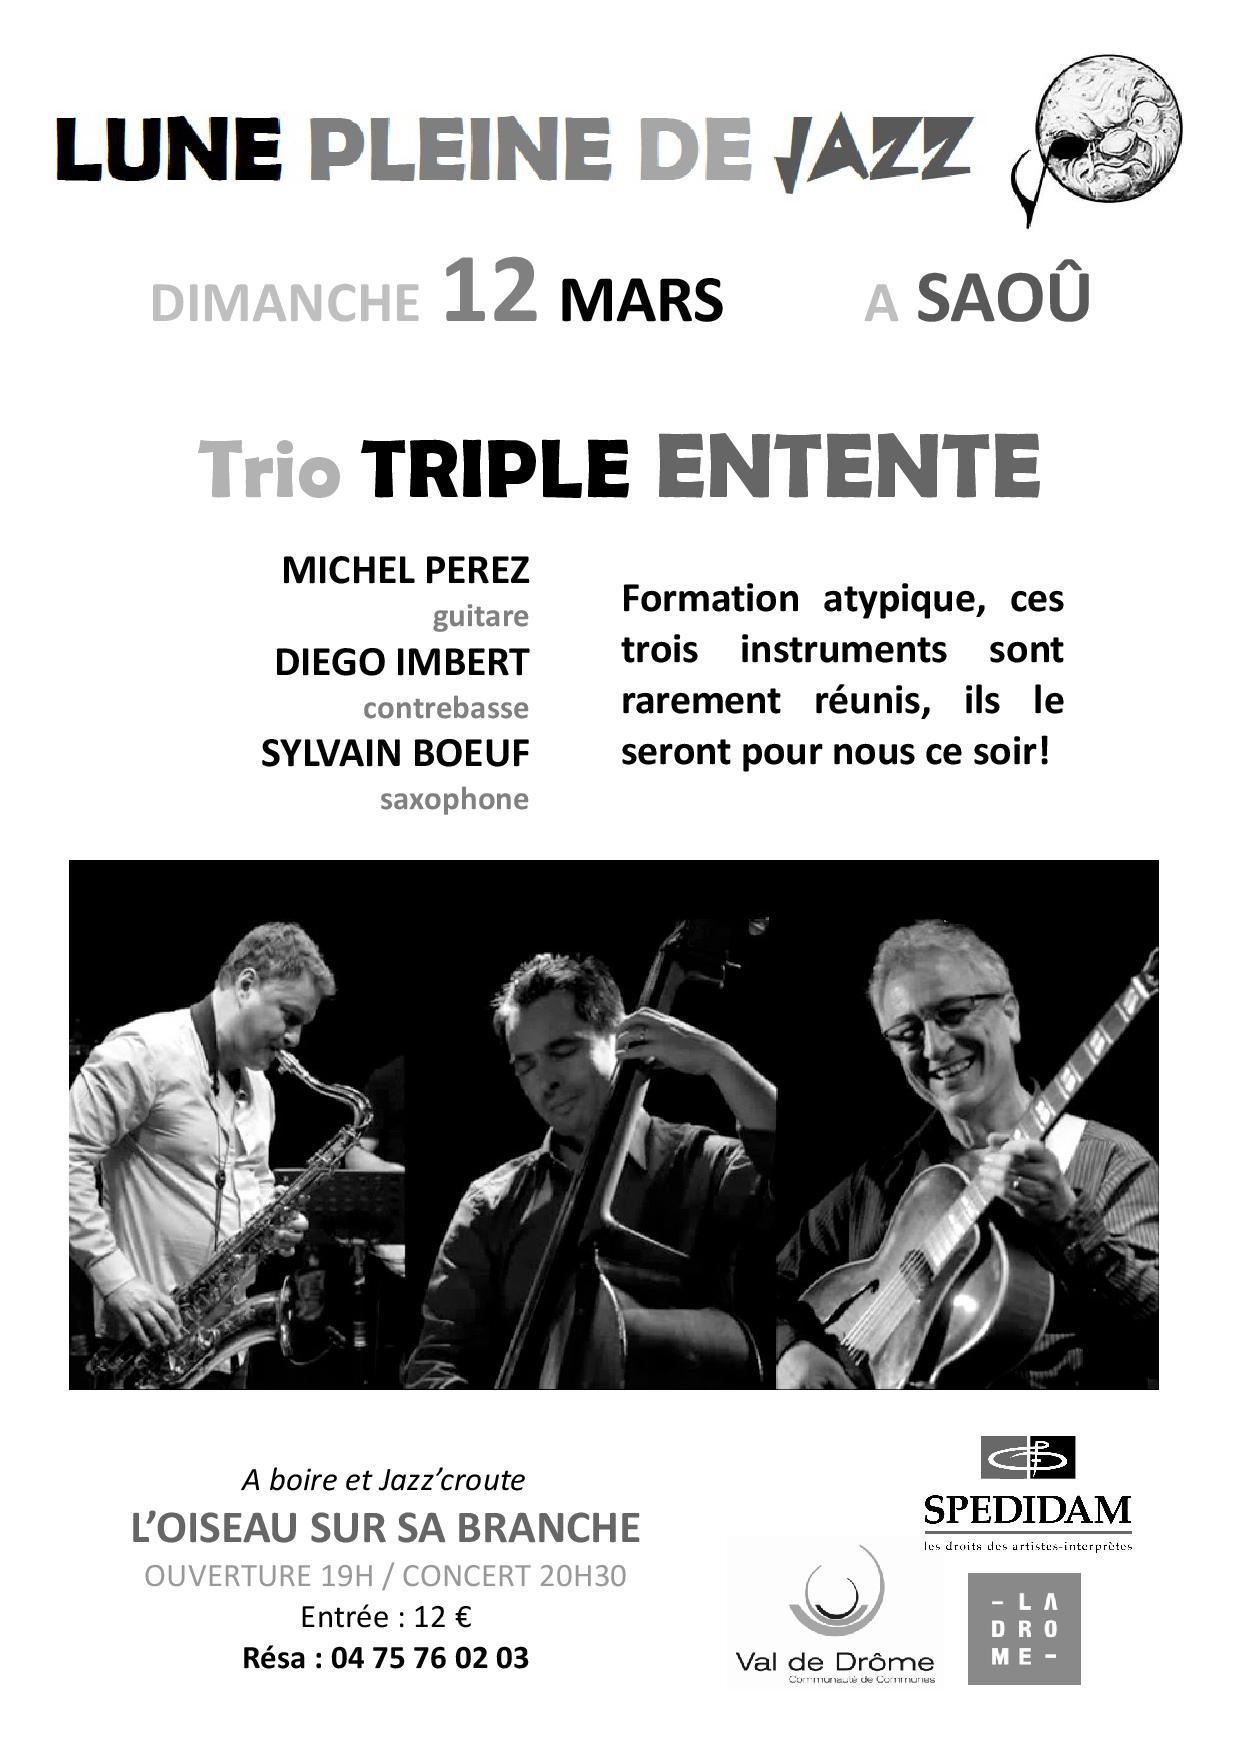 LUNE PLEINE DE JAZZ - mars 2017-page-001